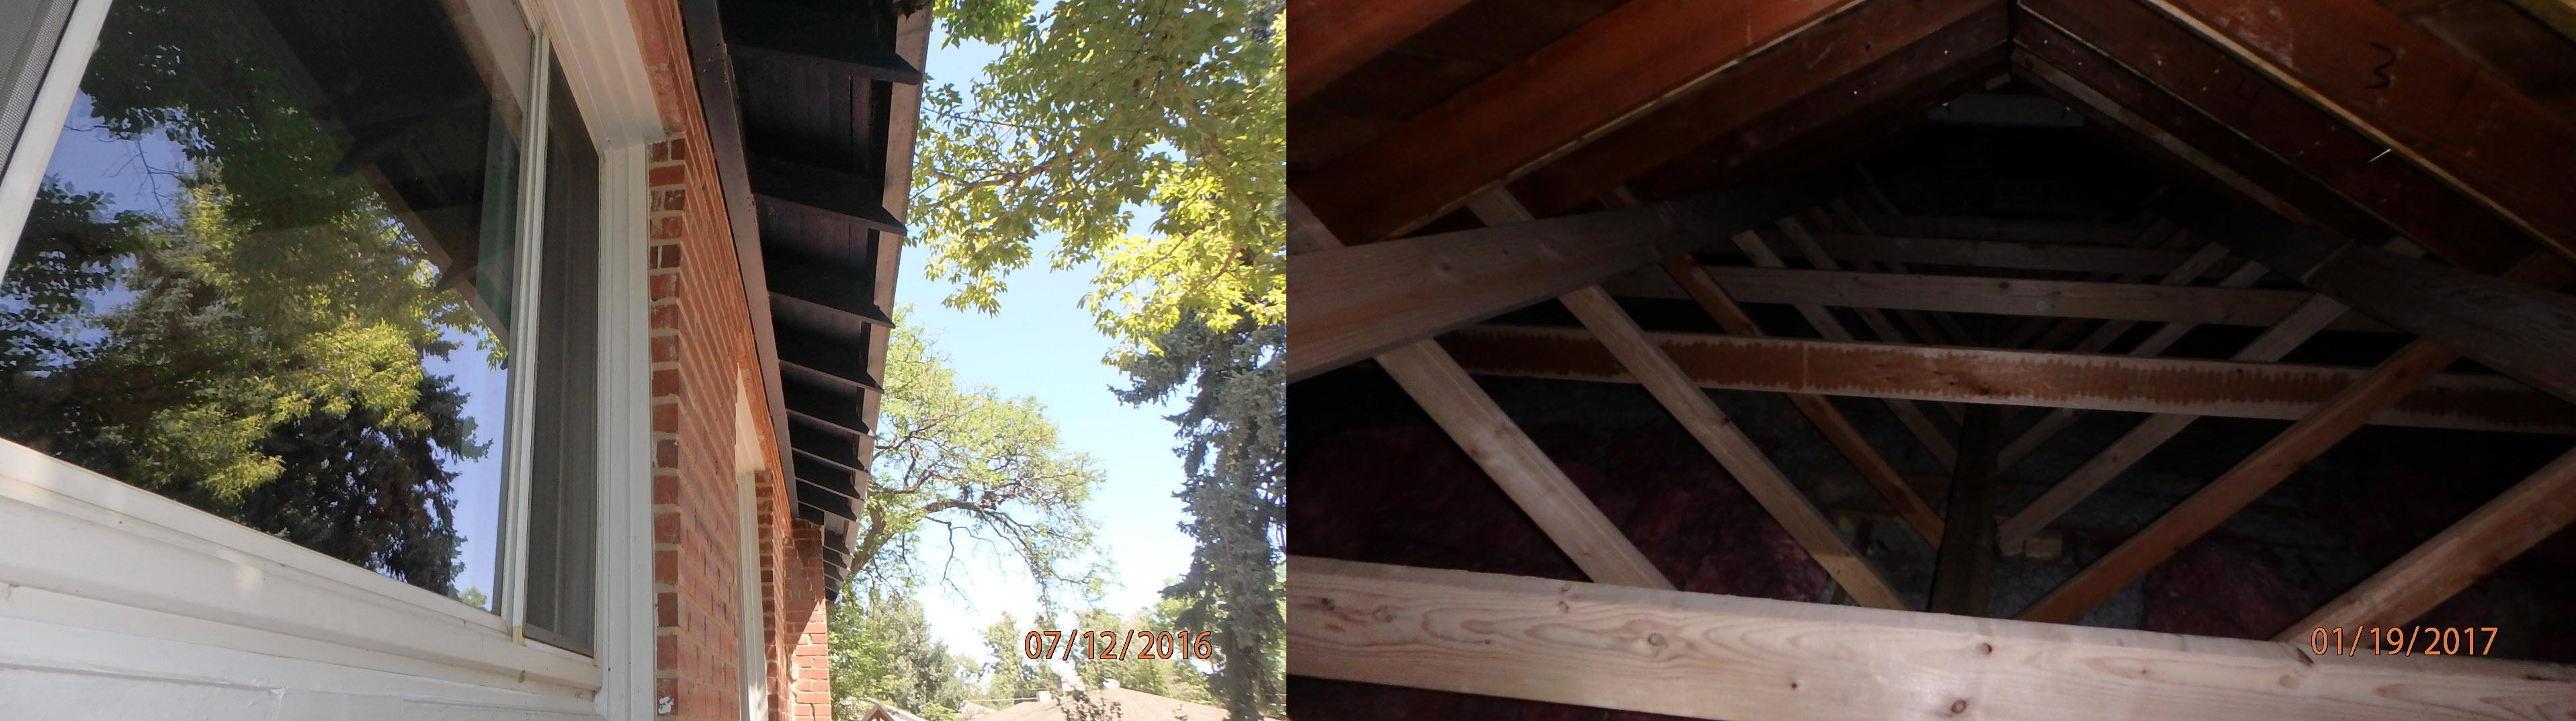 Failing Roof Repair